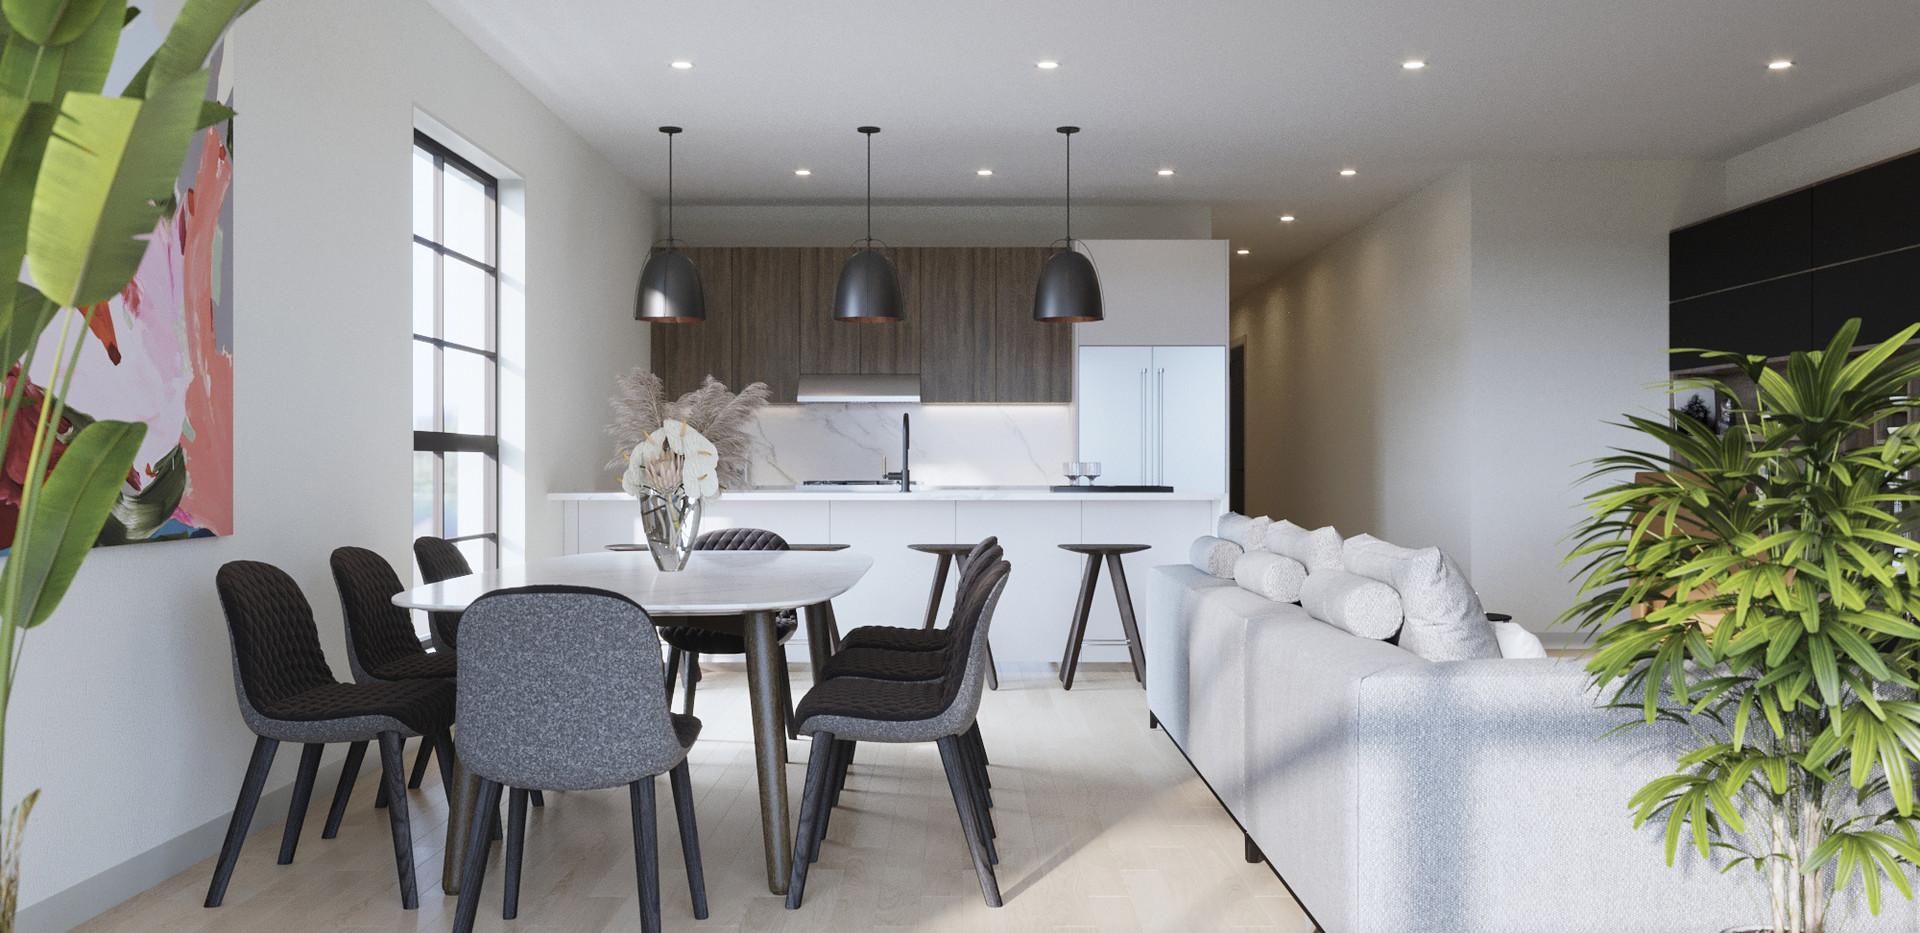 Simplex Dining Room & Kitchen